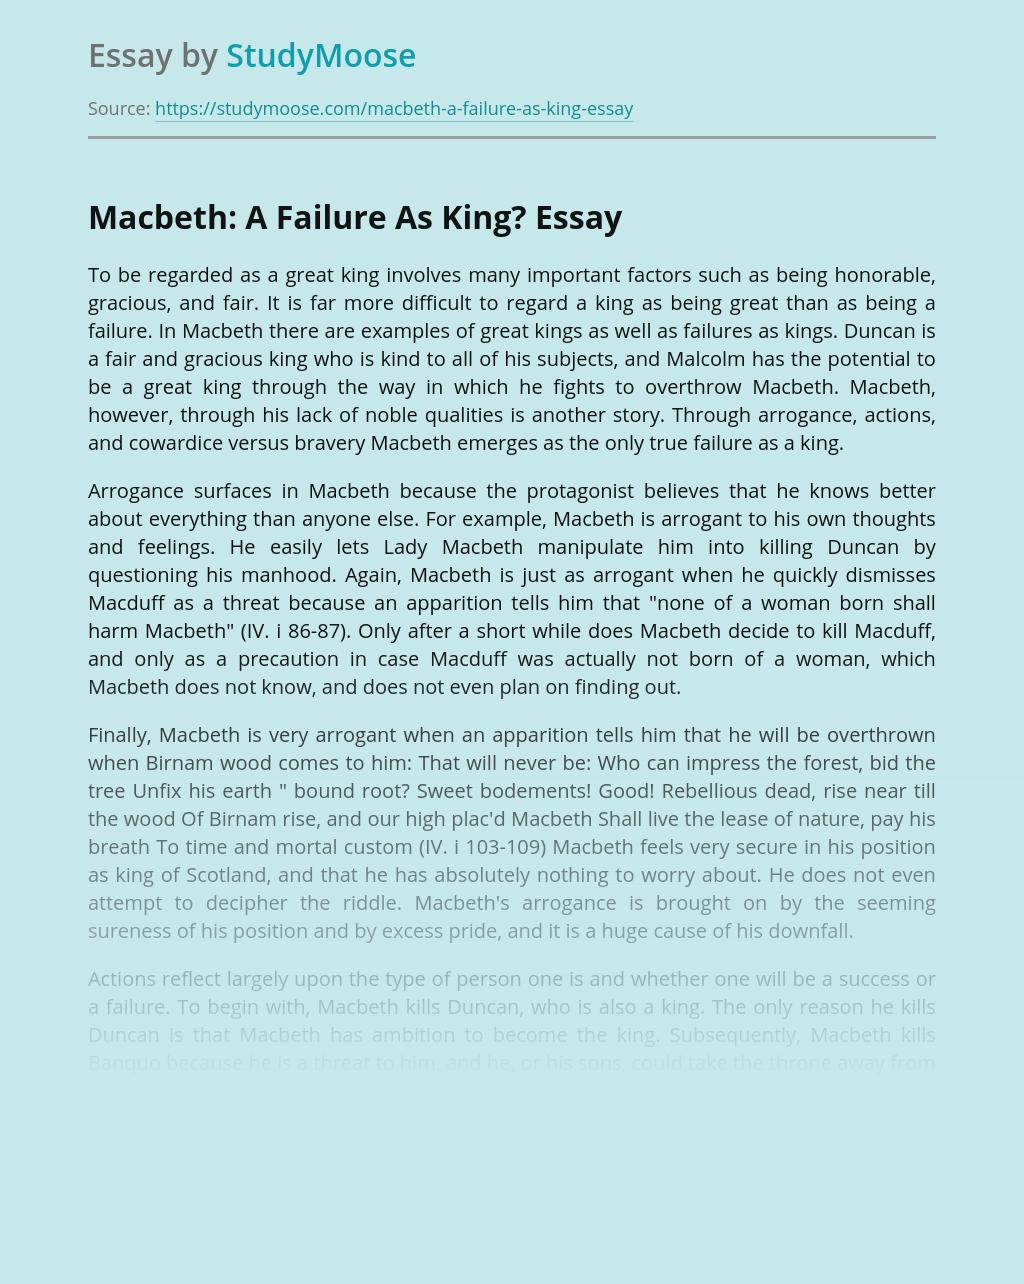 Macbeth: A Failure As King?